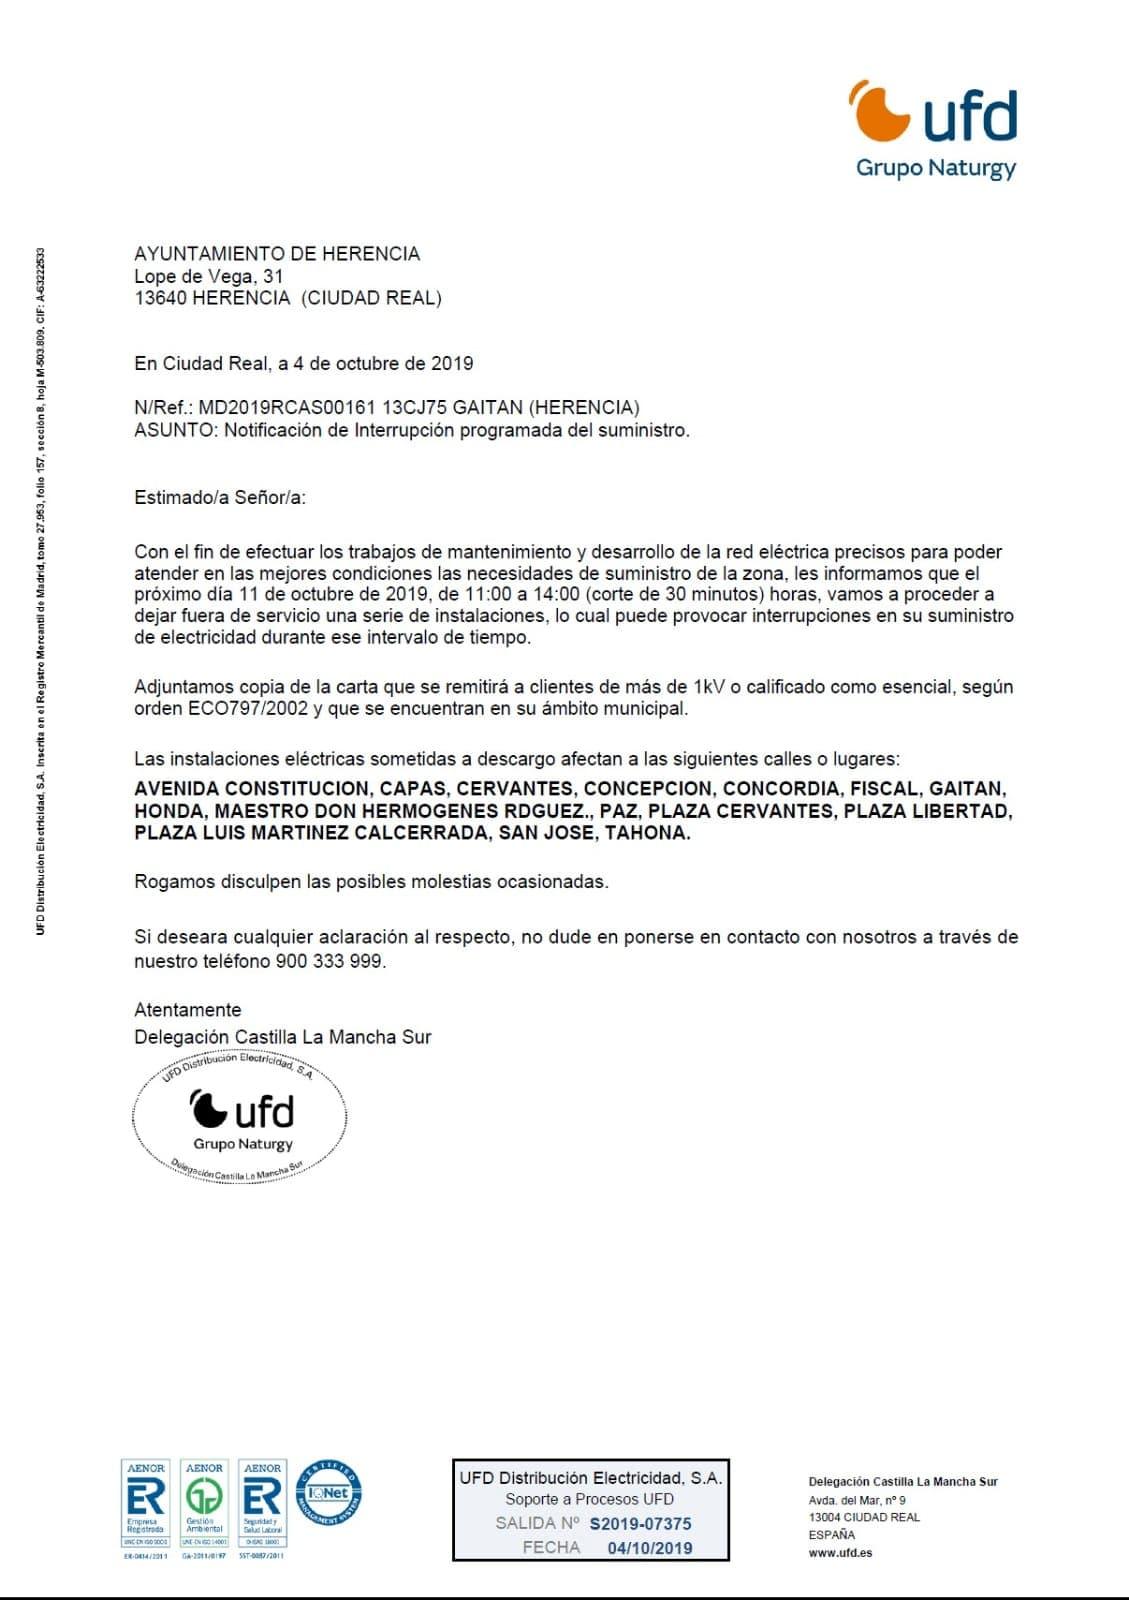 Cortes de suministro eléctrico para el próximo 11 de octubre 6